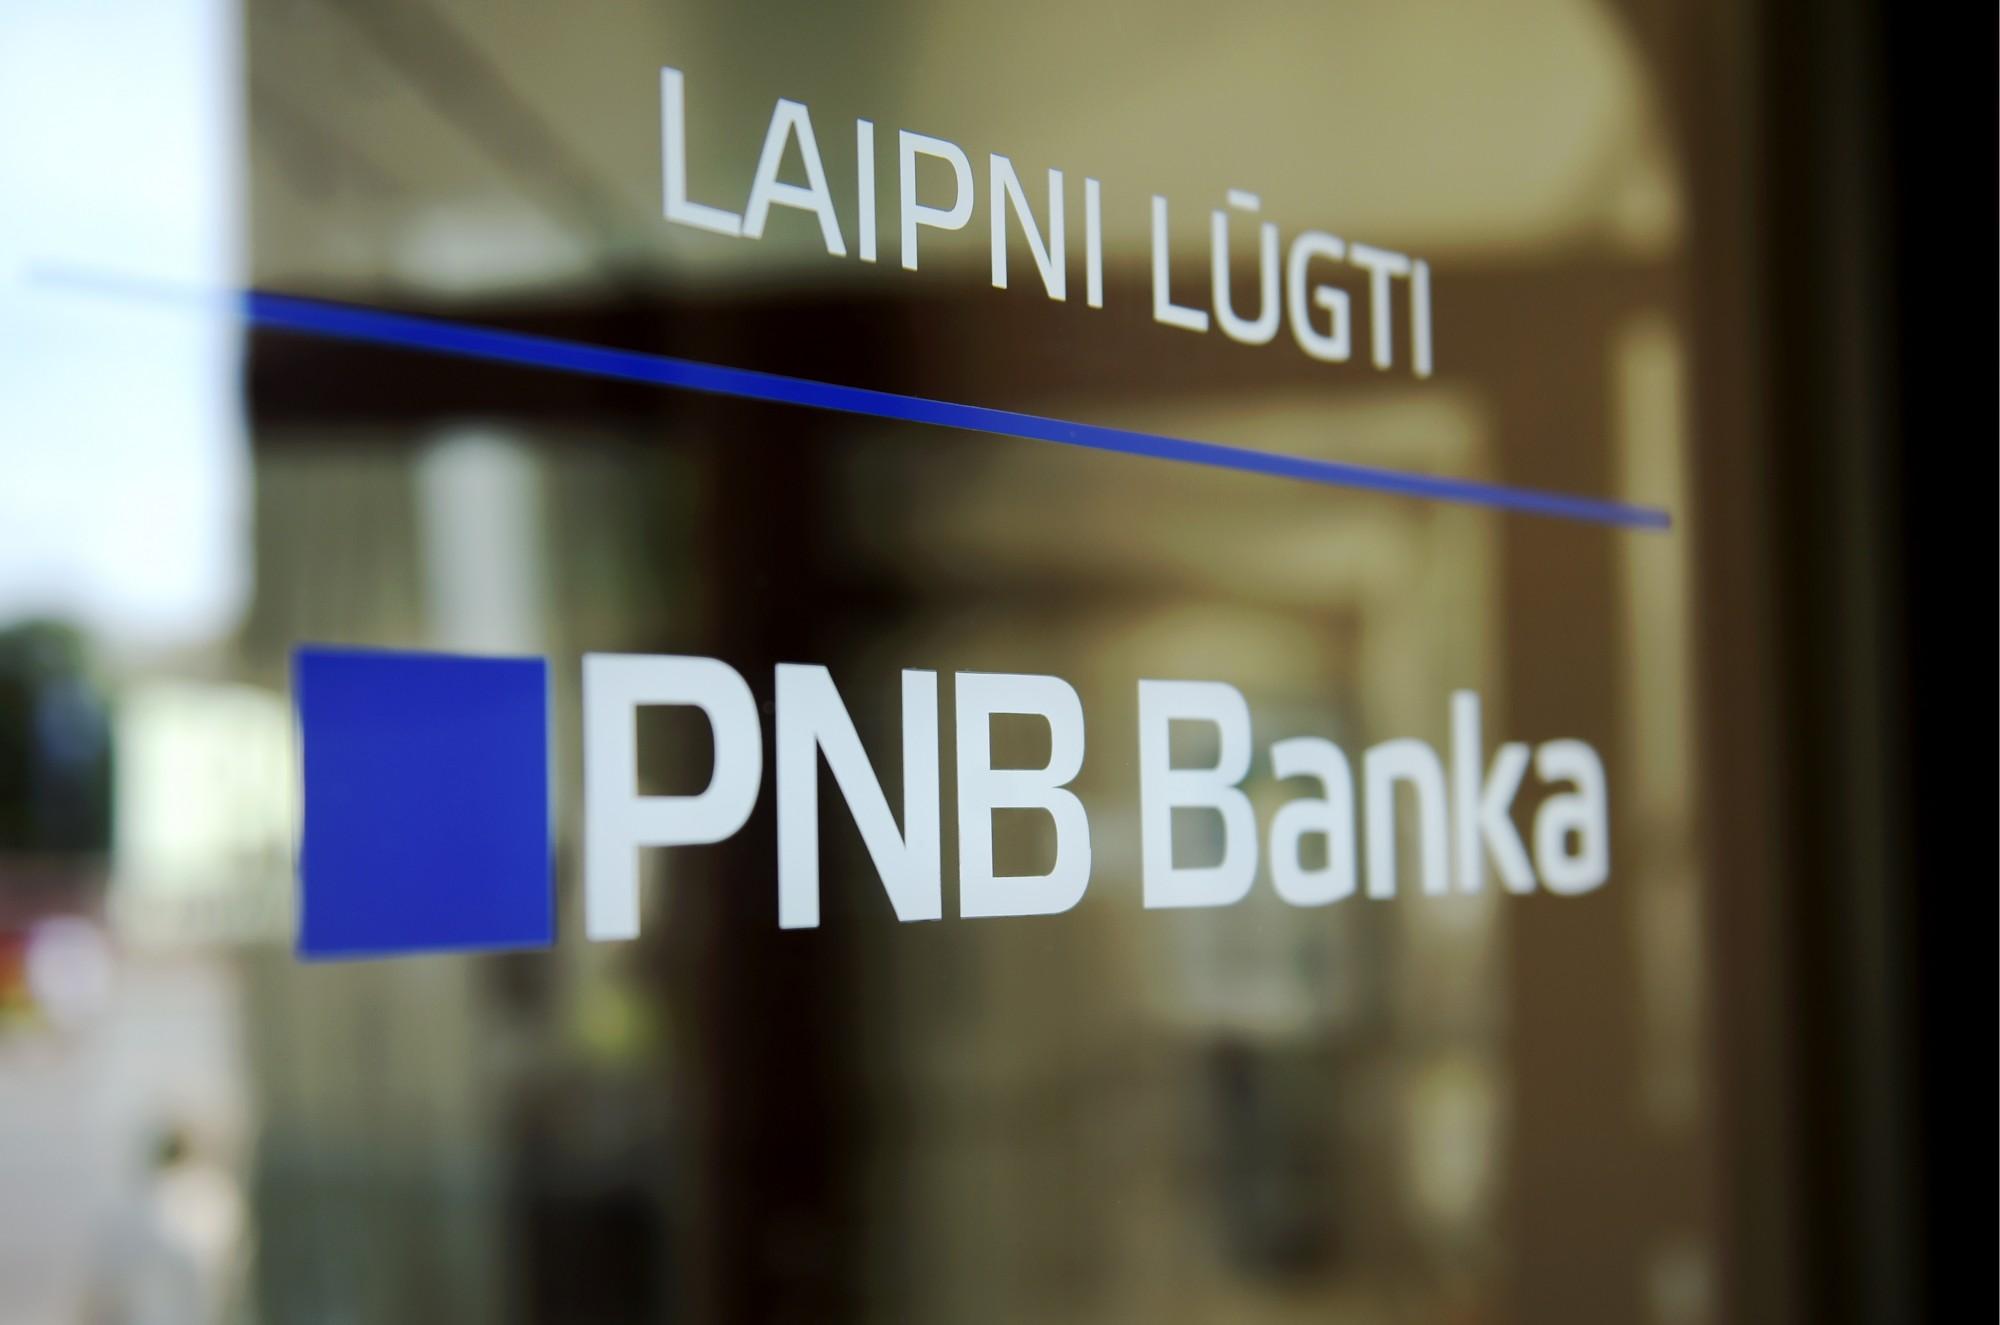 КРФК подала в суд заявление о неплатежеспособности »PNB banka»